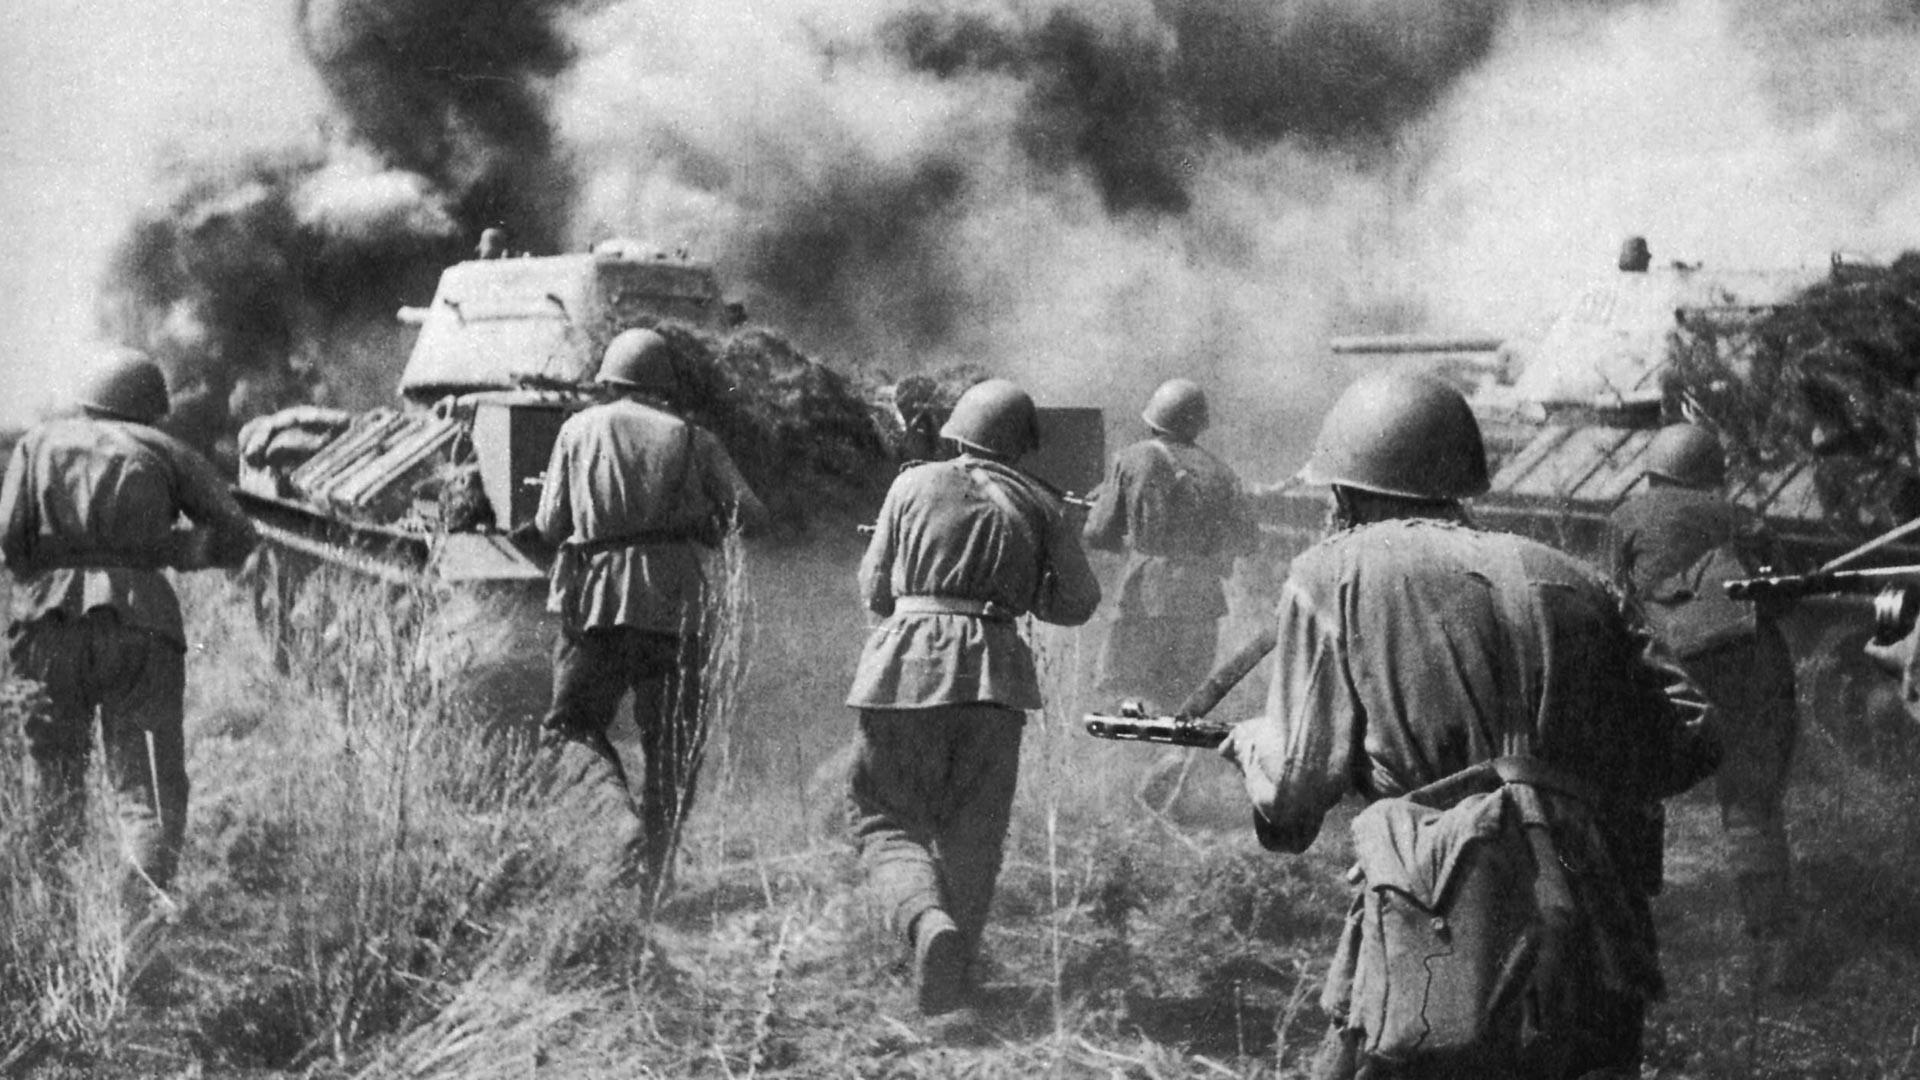 Attacke der sowjetischen Truppen bei Prochorowka während der Schlacht um Kursk im Juli 1943.